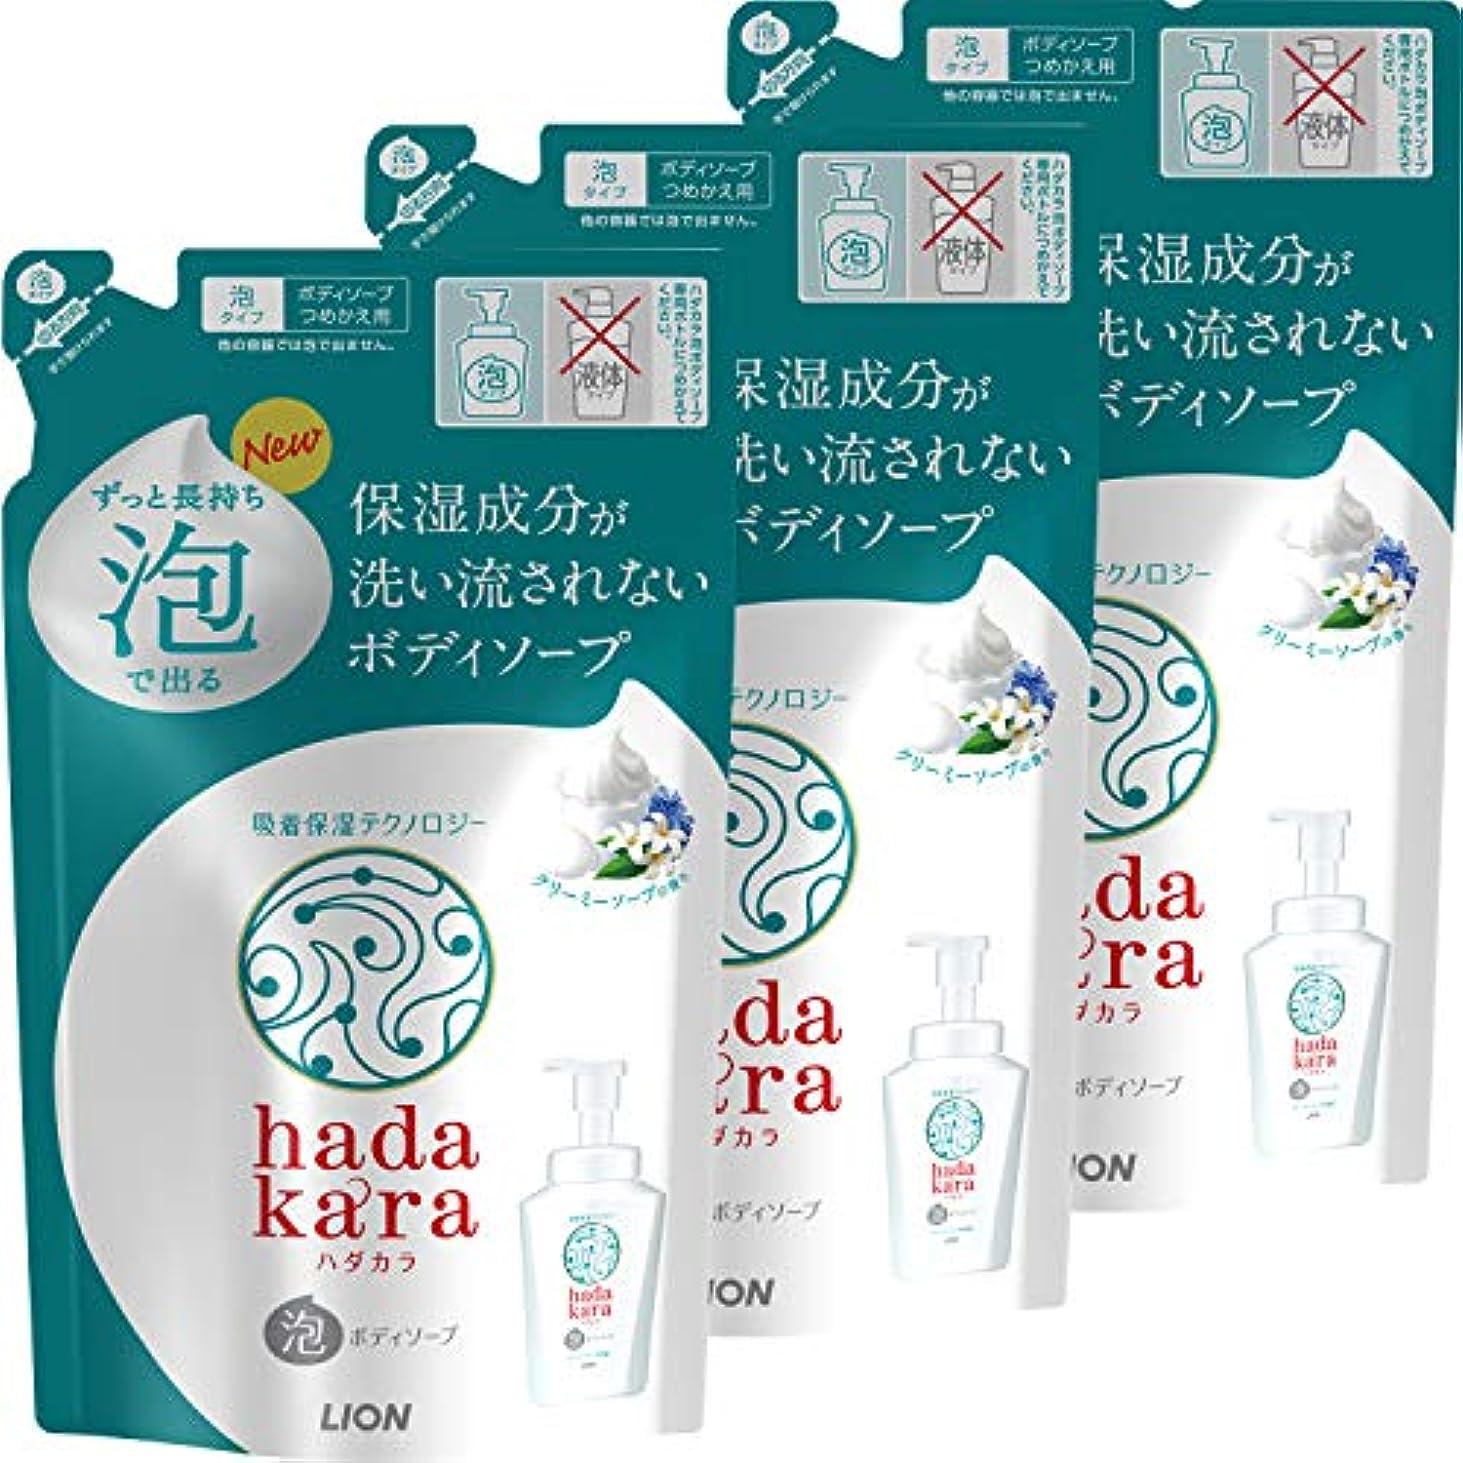 身元食物心からhadakara(ハダカラ) ボディソープ 泡タイプ クリーミーソープの香り 詰替440ml×3個